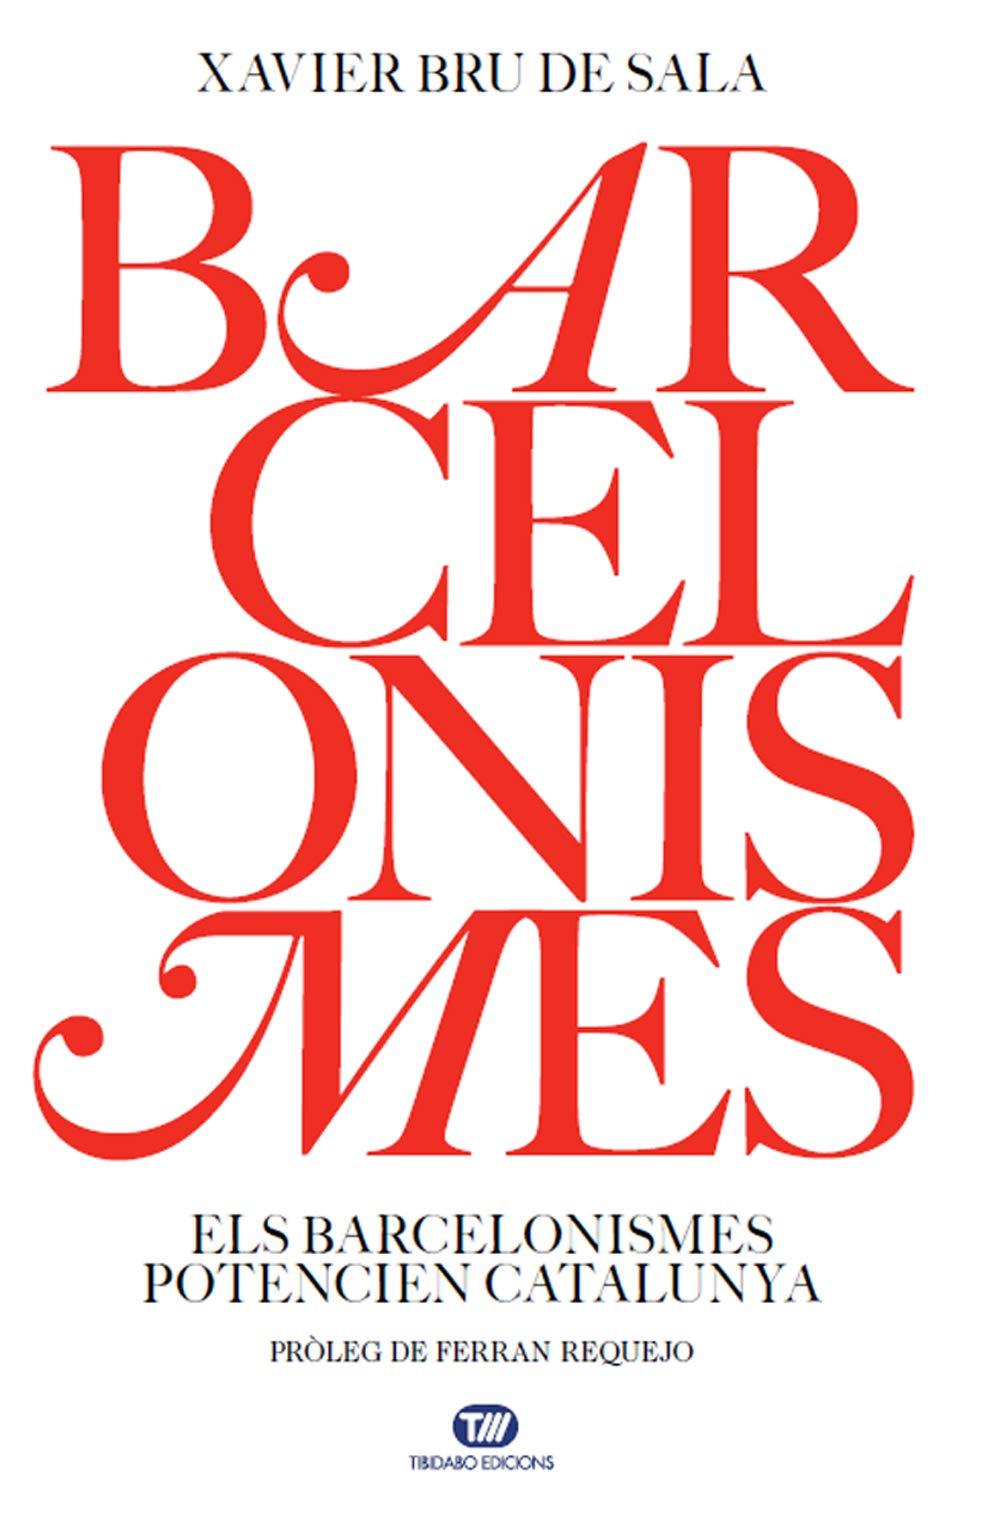 Barcelonismes: Els Barcelonismes potencien Catalunya (Actualitat ) (Catalan Edition)